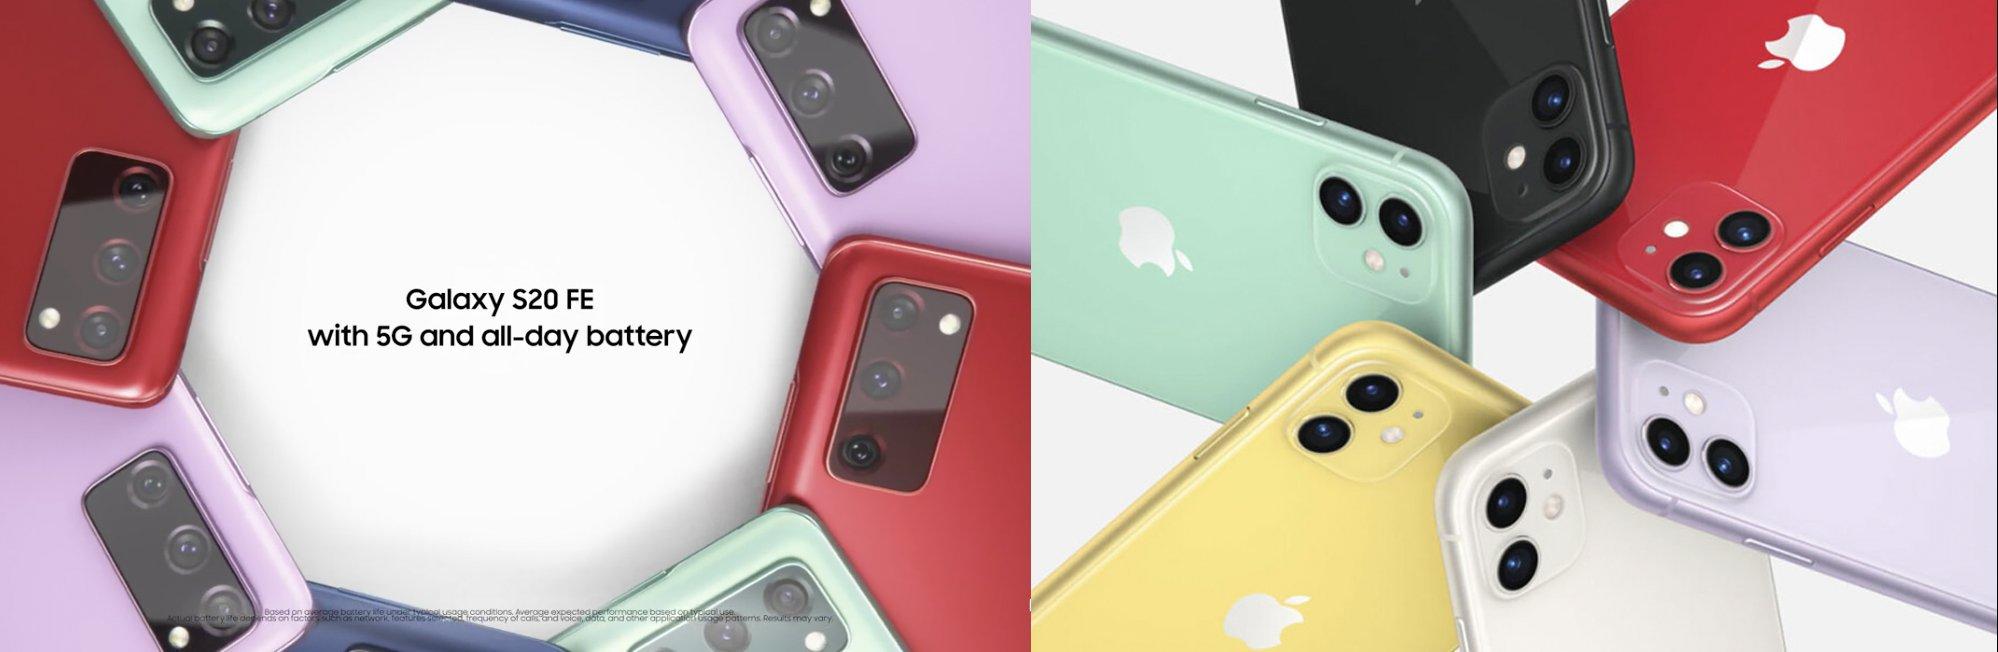 Anuncio del Samsung Galaxy S20 a la izquierda, anuncio del iPhone 11 a la derecha